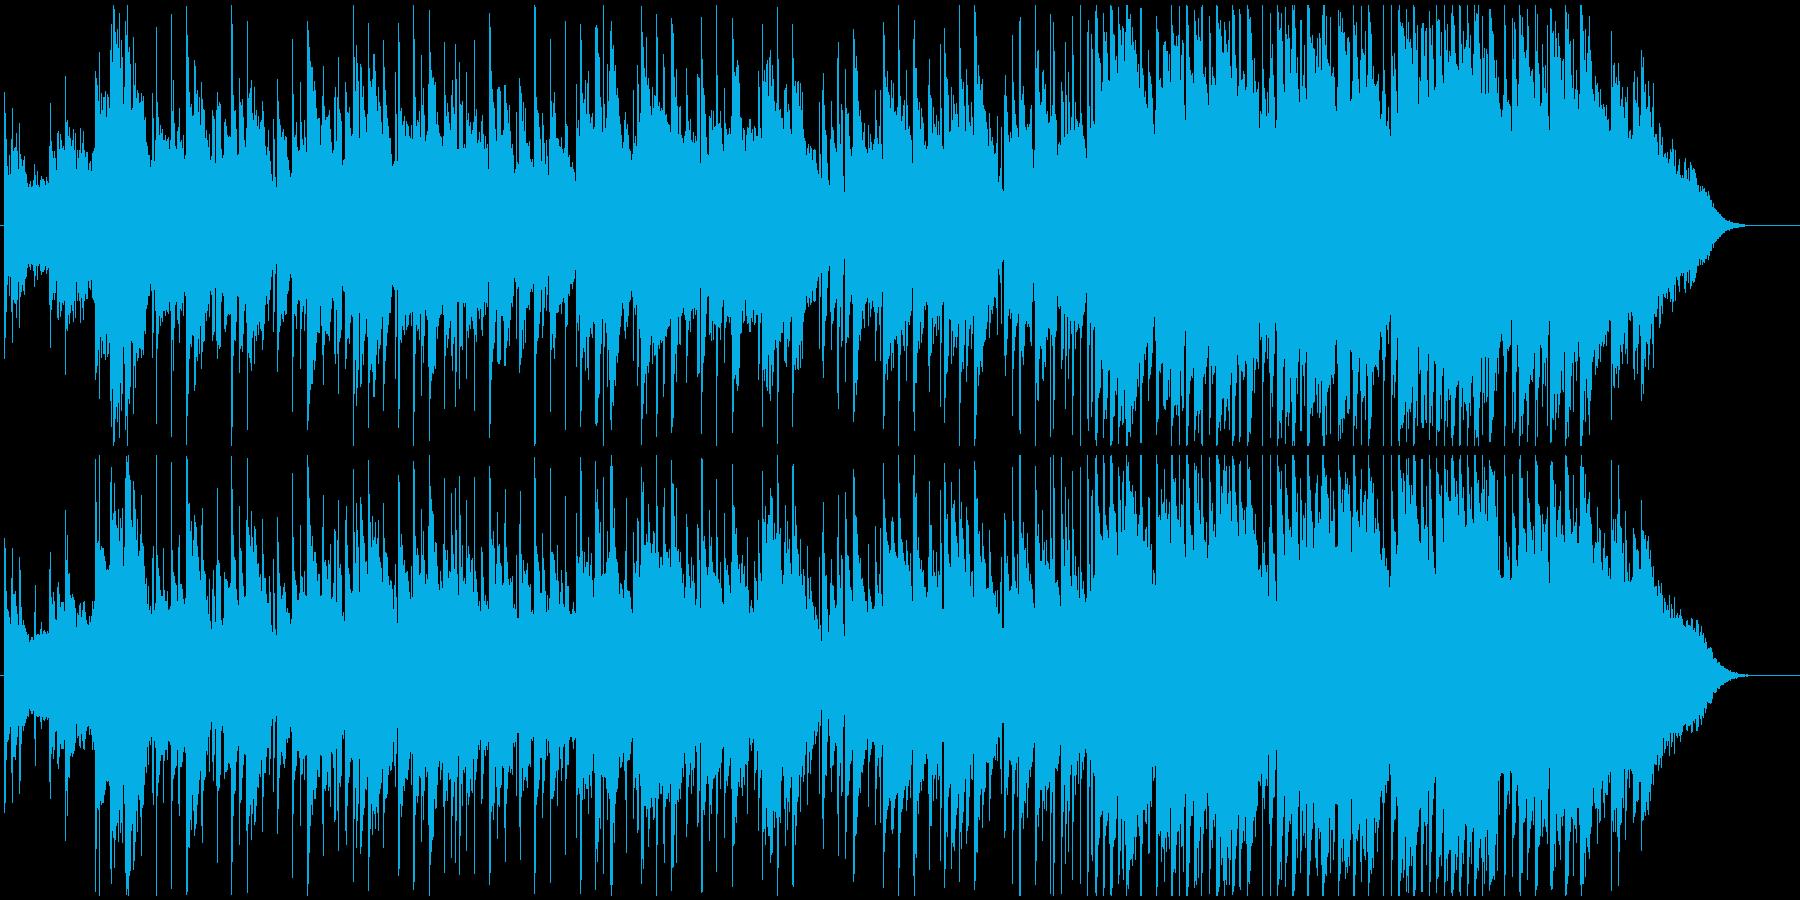 広がりのある美しいメロディーのBGMの再生済みの波形